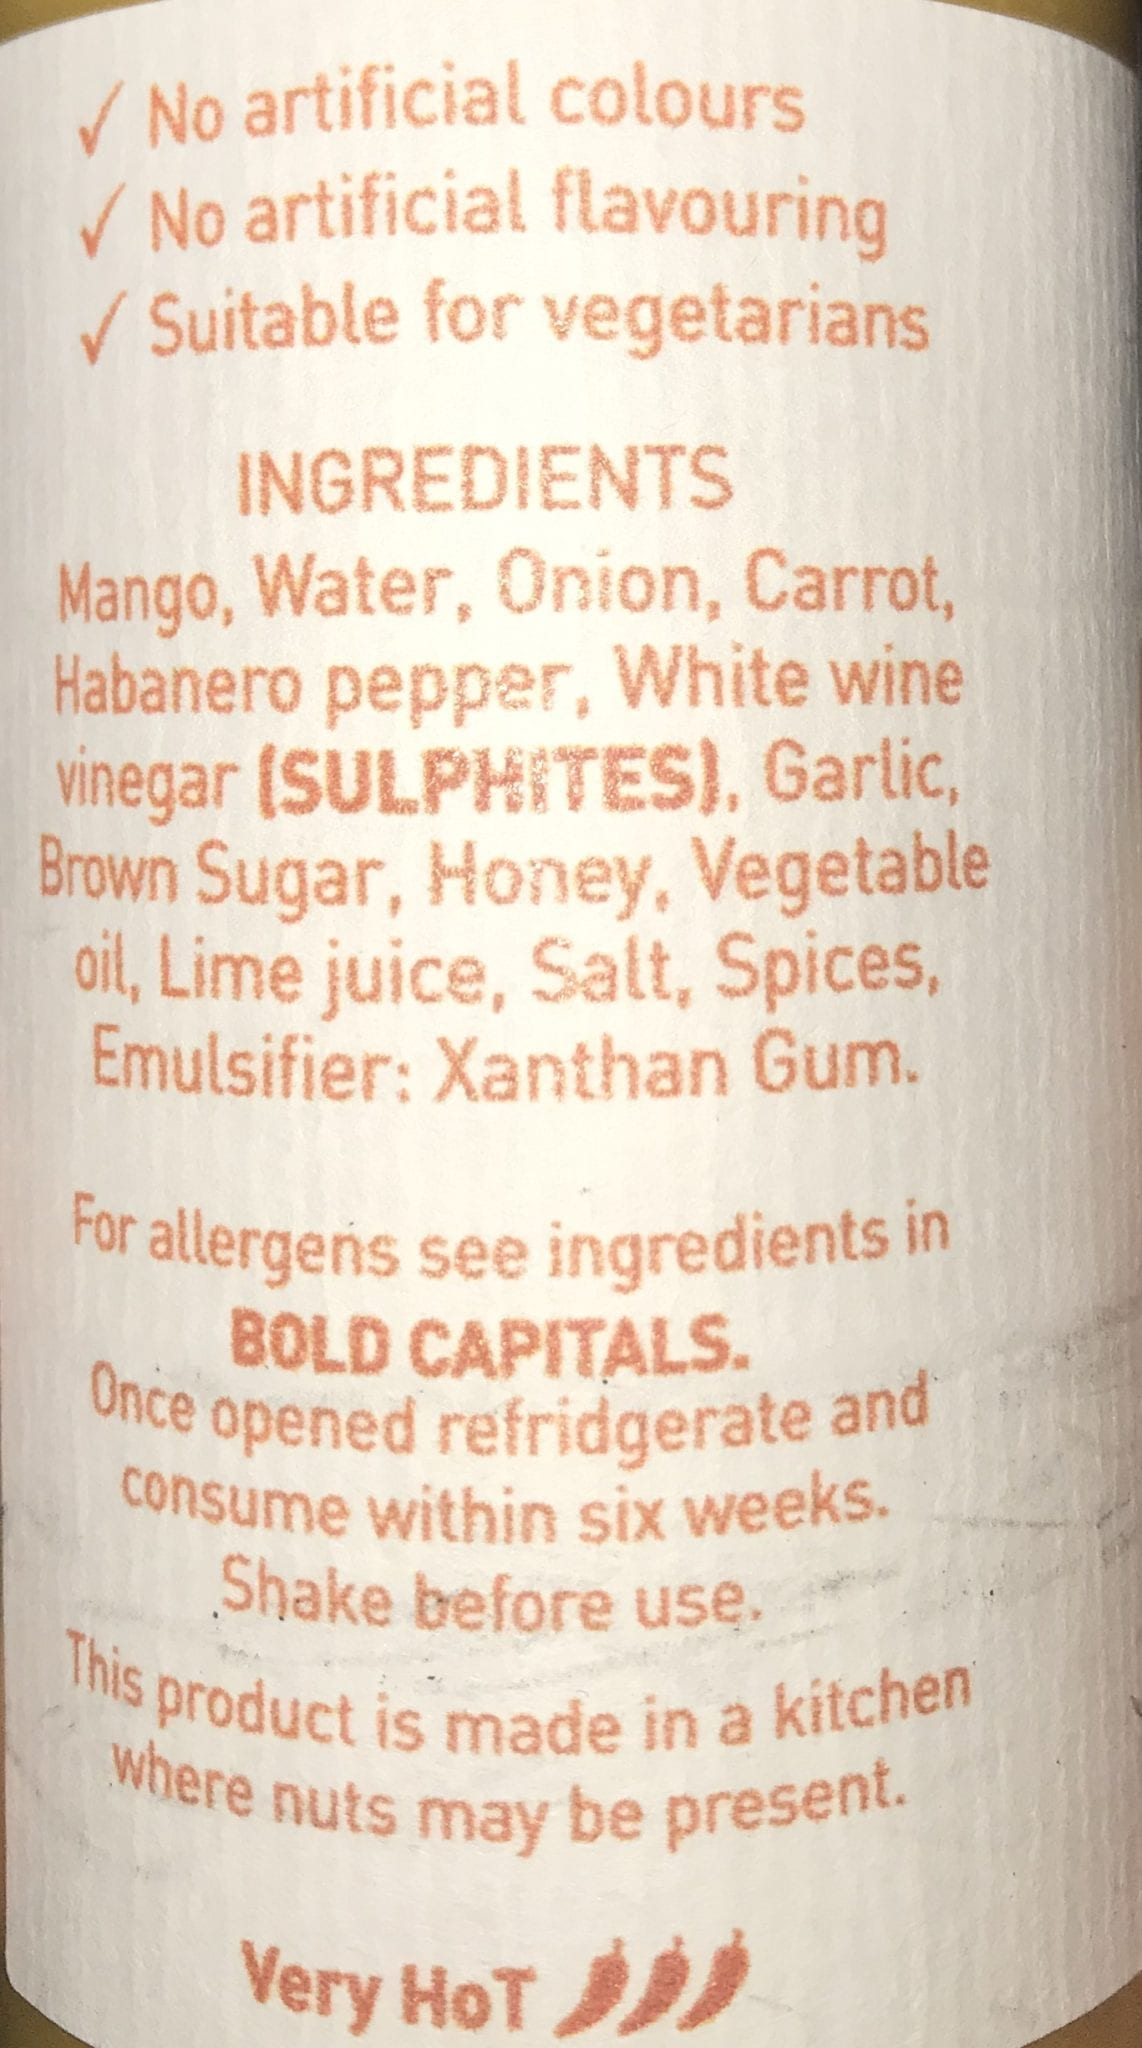 JHS Mangonero Ingredients